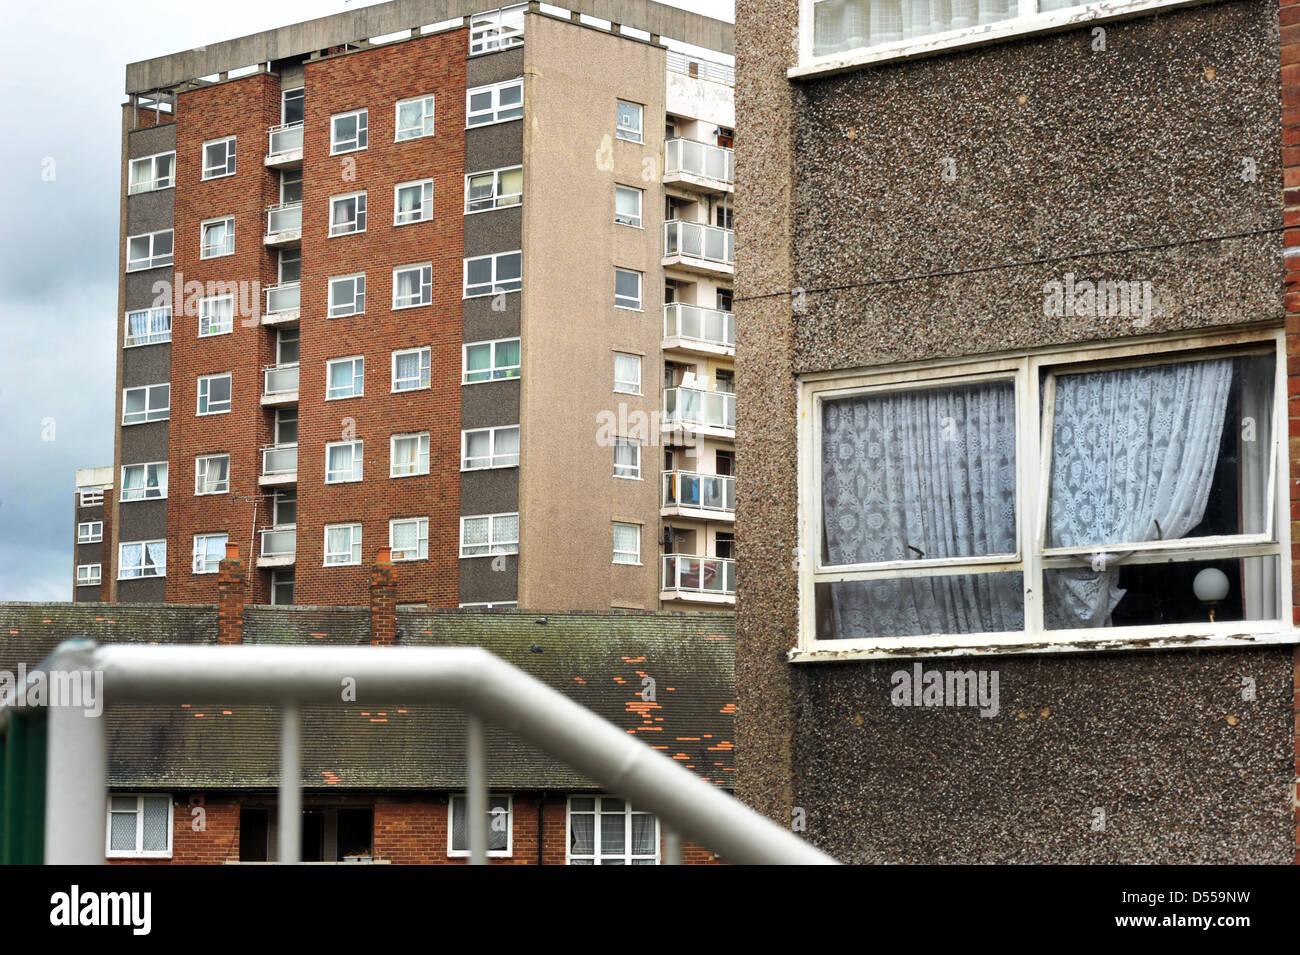 Mixture of Social Housing in Leeds UK - Stock Image